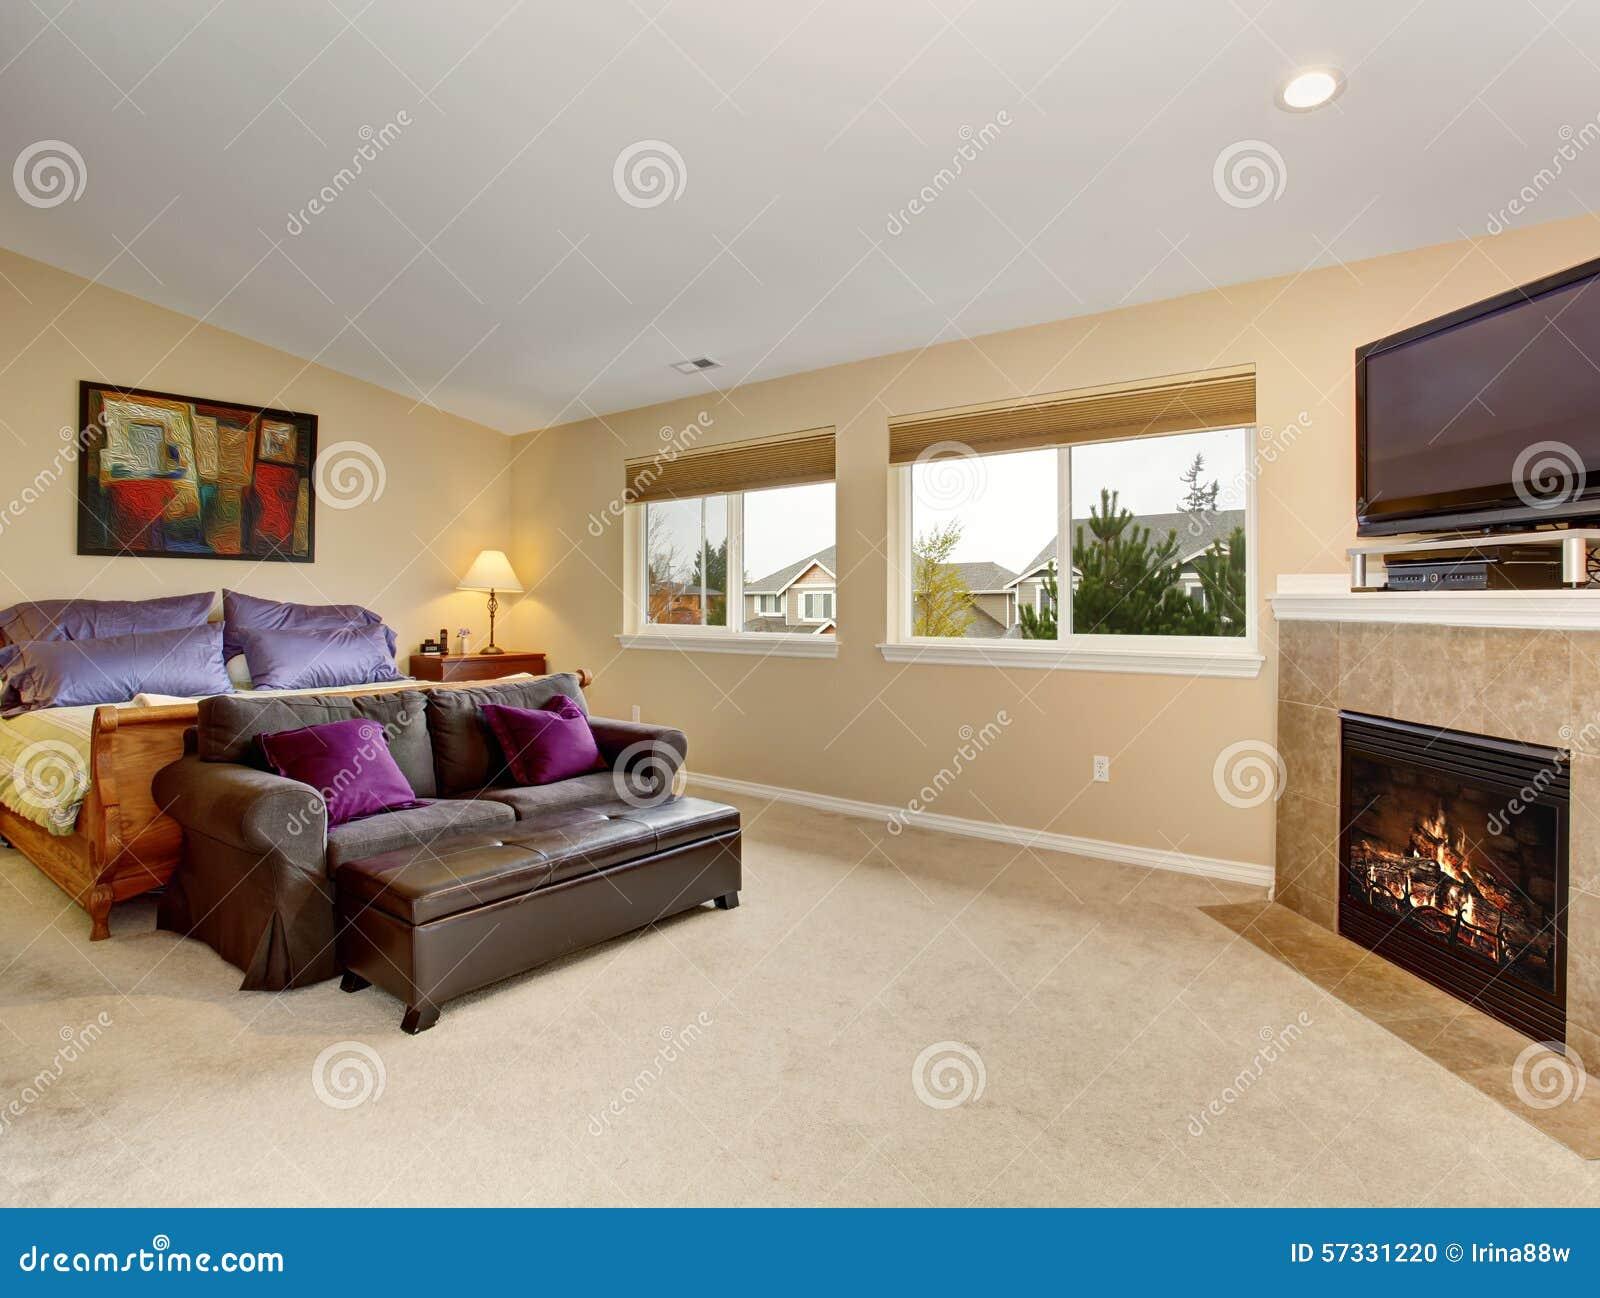 Dormitorio grande con la chimenea y la tv foto de archivo imagen de edificio alfombra 57331220 - Chimeneas con television ...